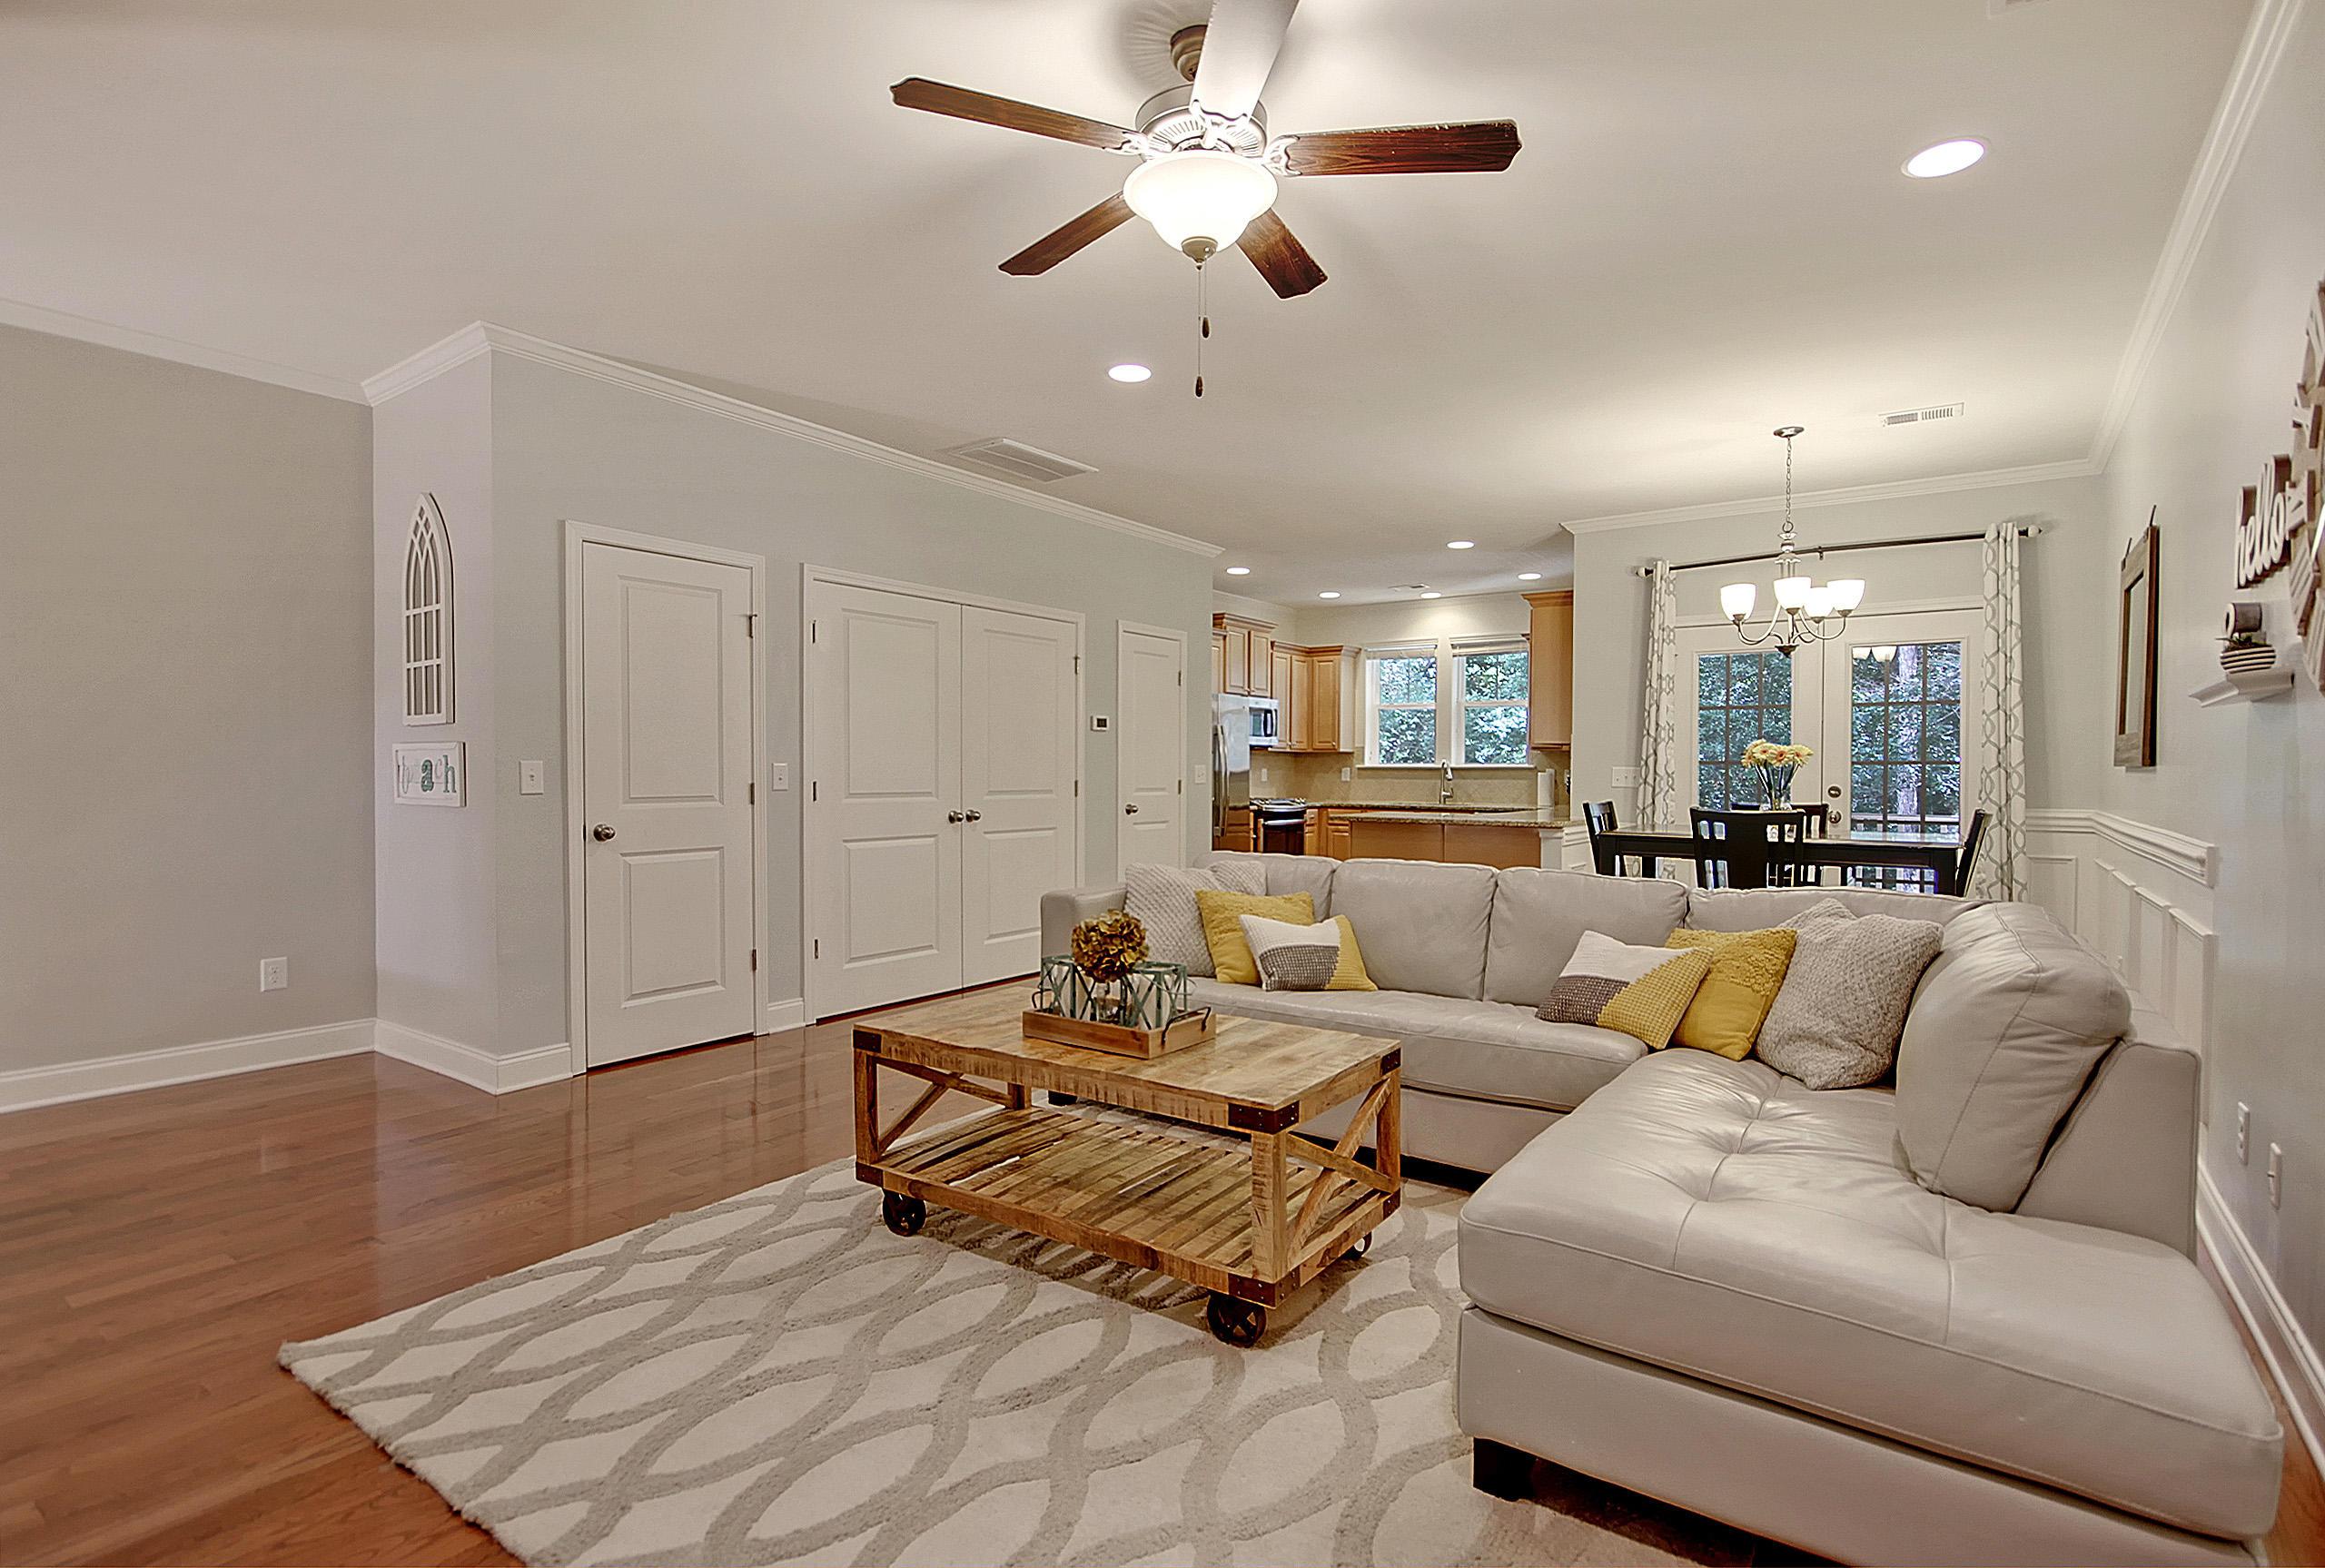 Royal Palms Homes For Sale - 1273 Dingle, Mount Pleasant, SC - 29